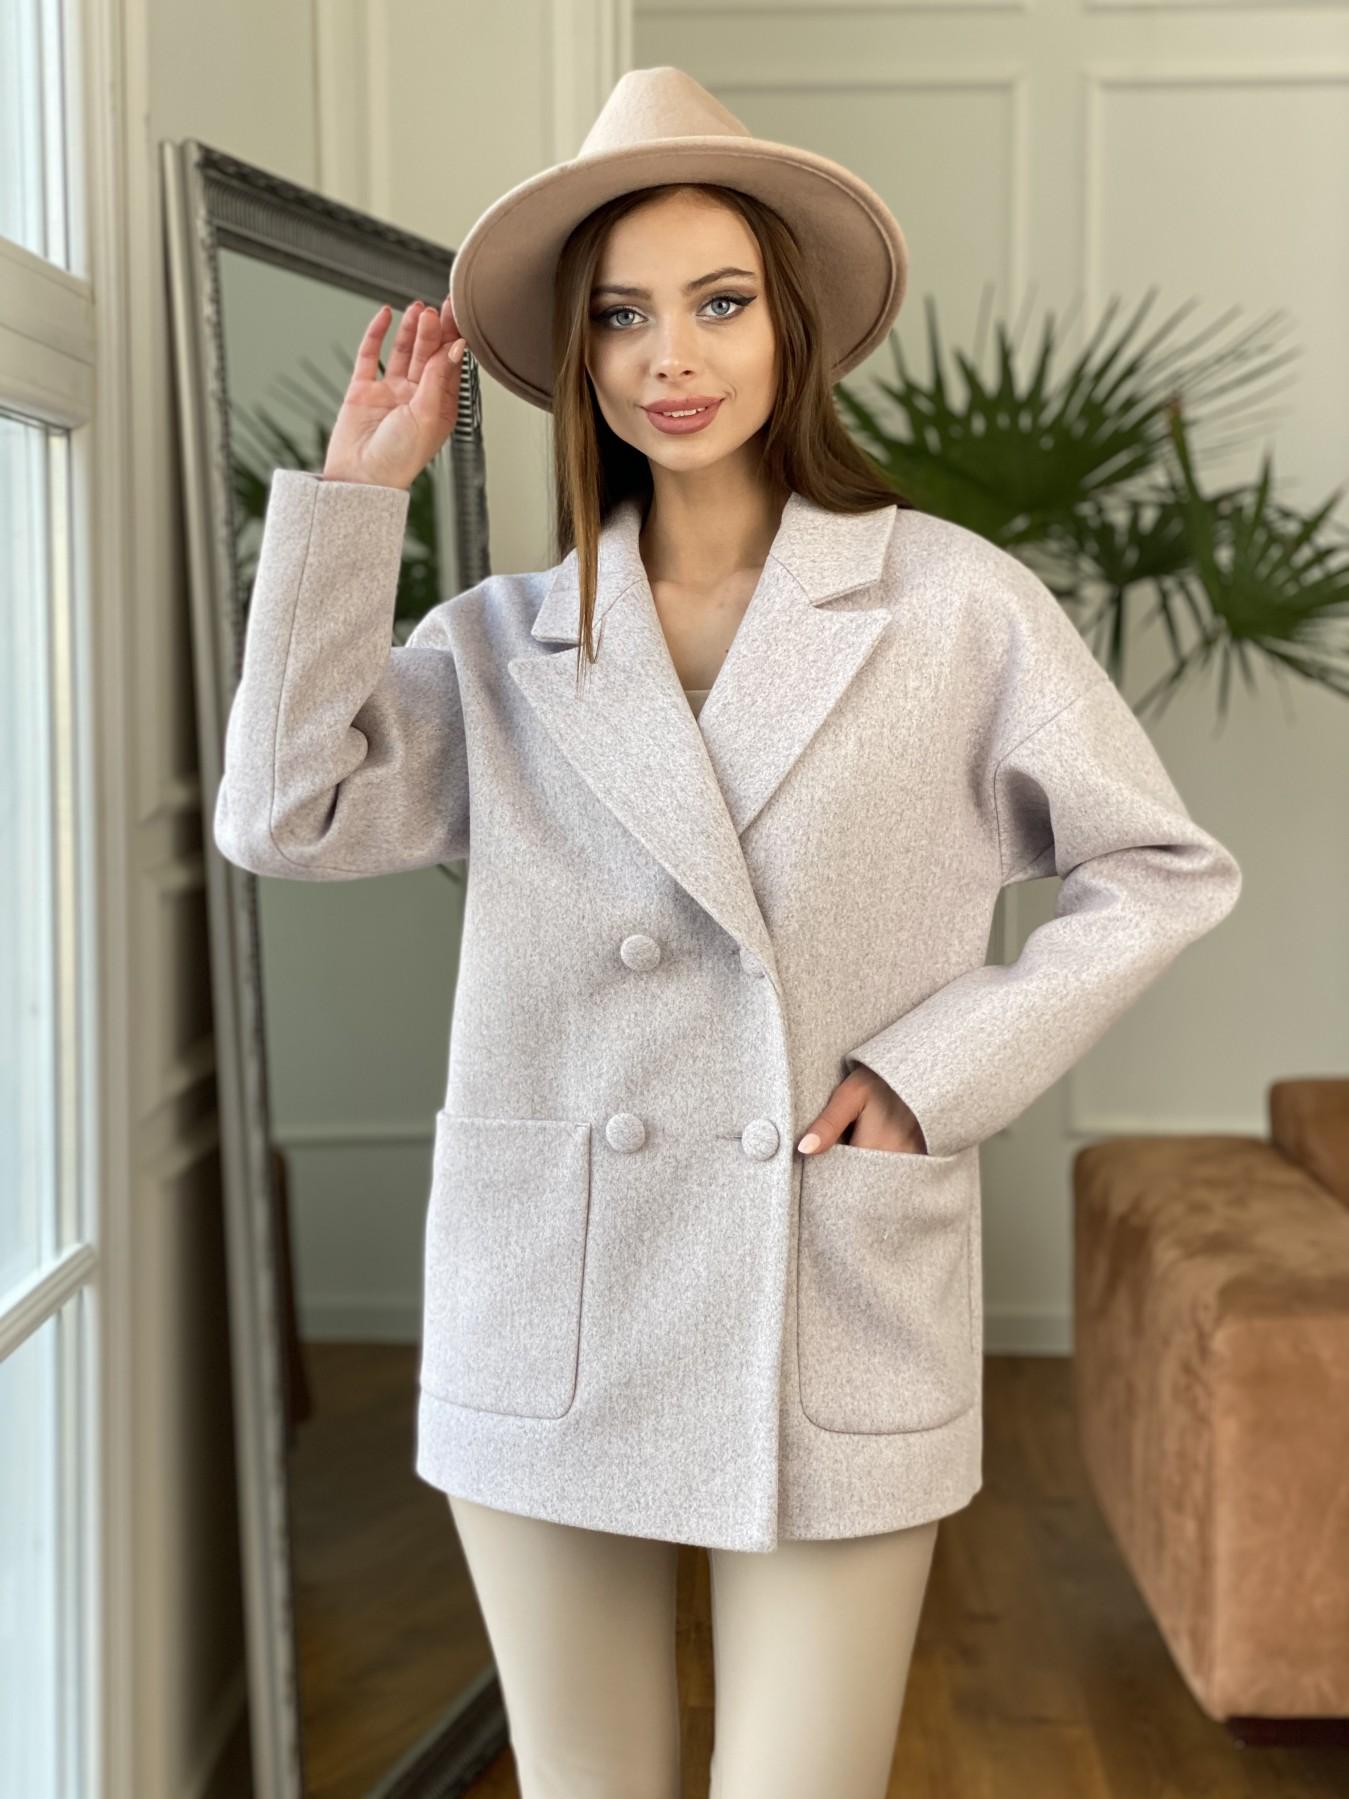 Демисезонное пальто купить Мансера пальто кашемир меланж на трикотаже  10629